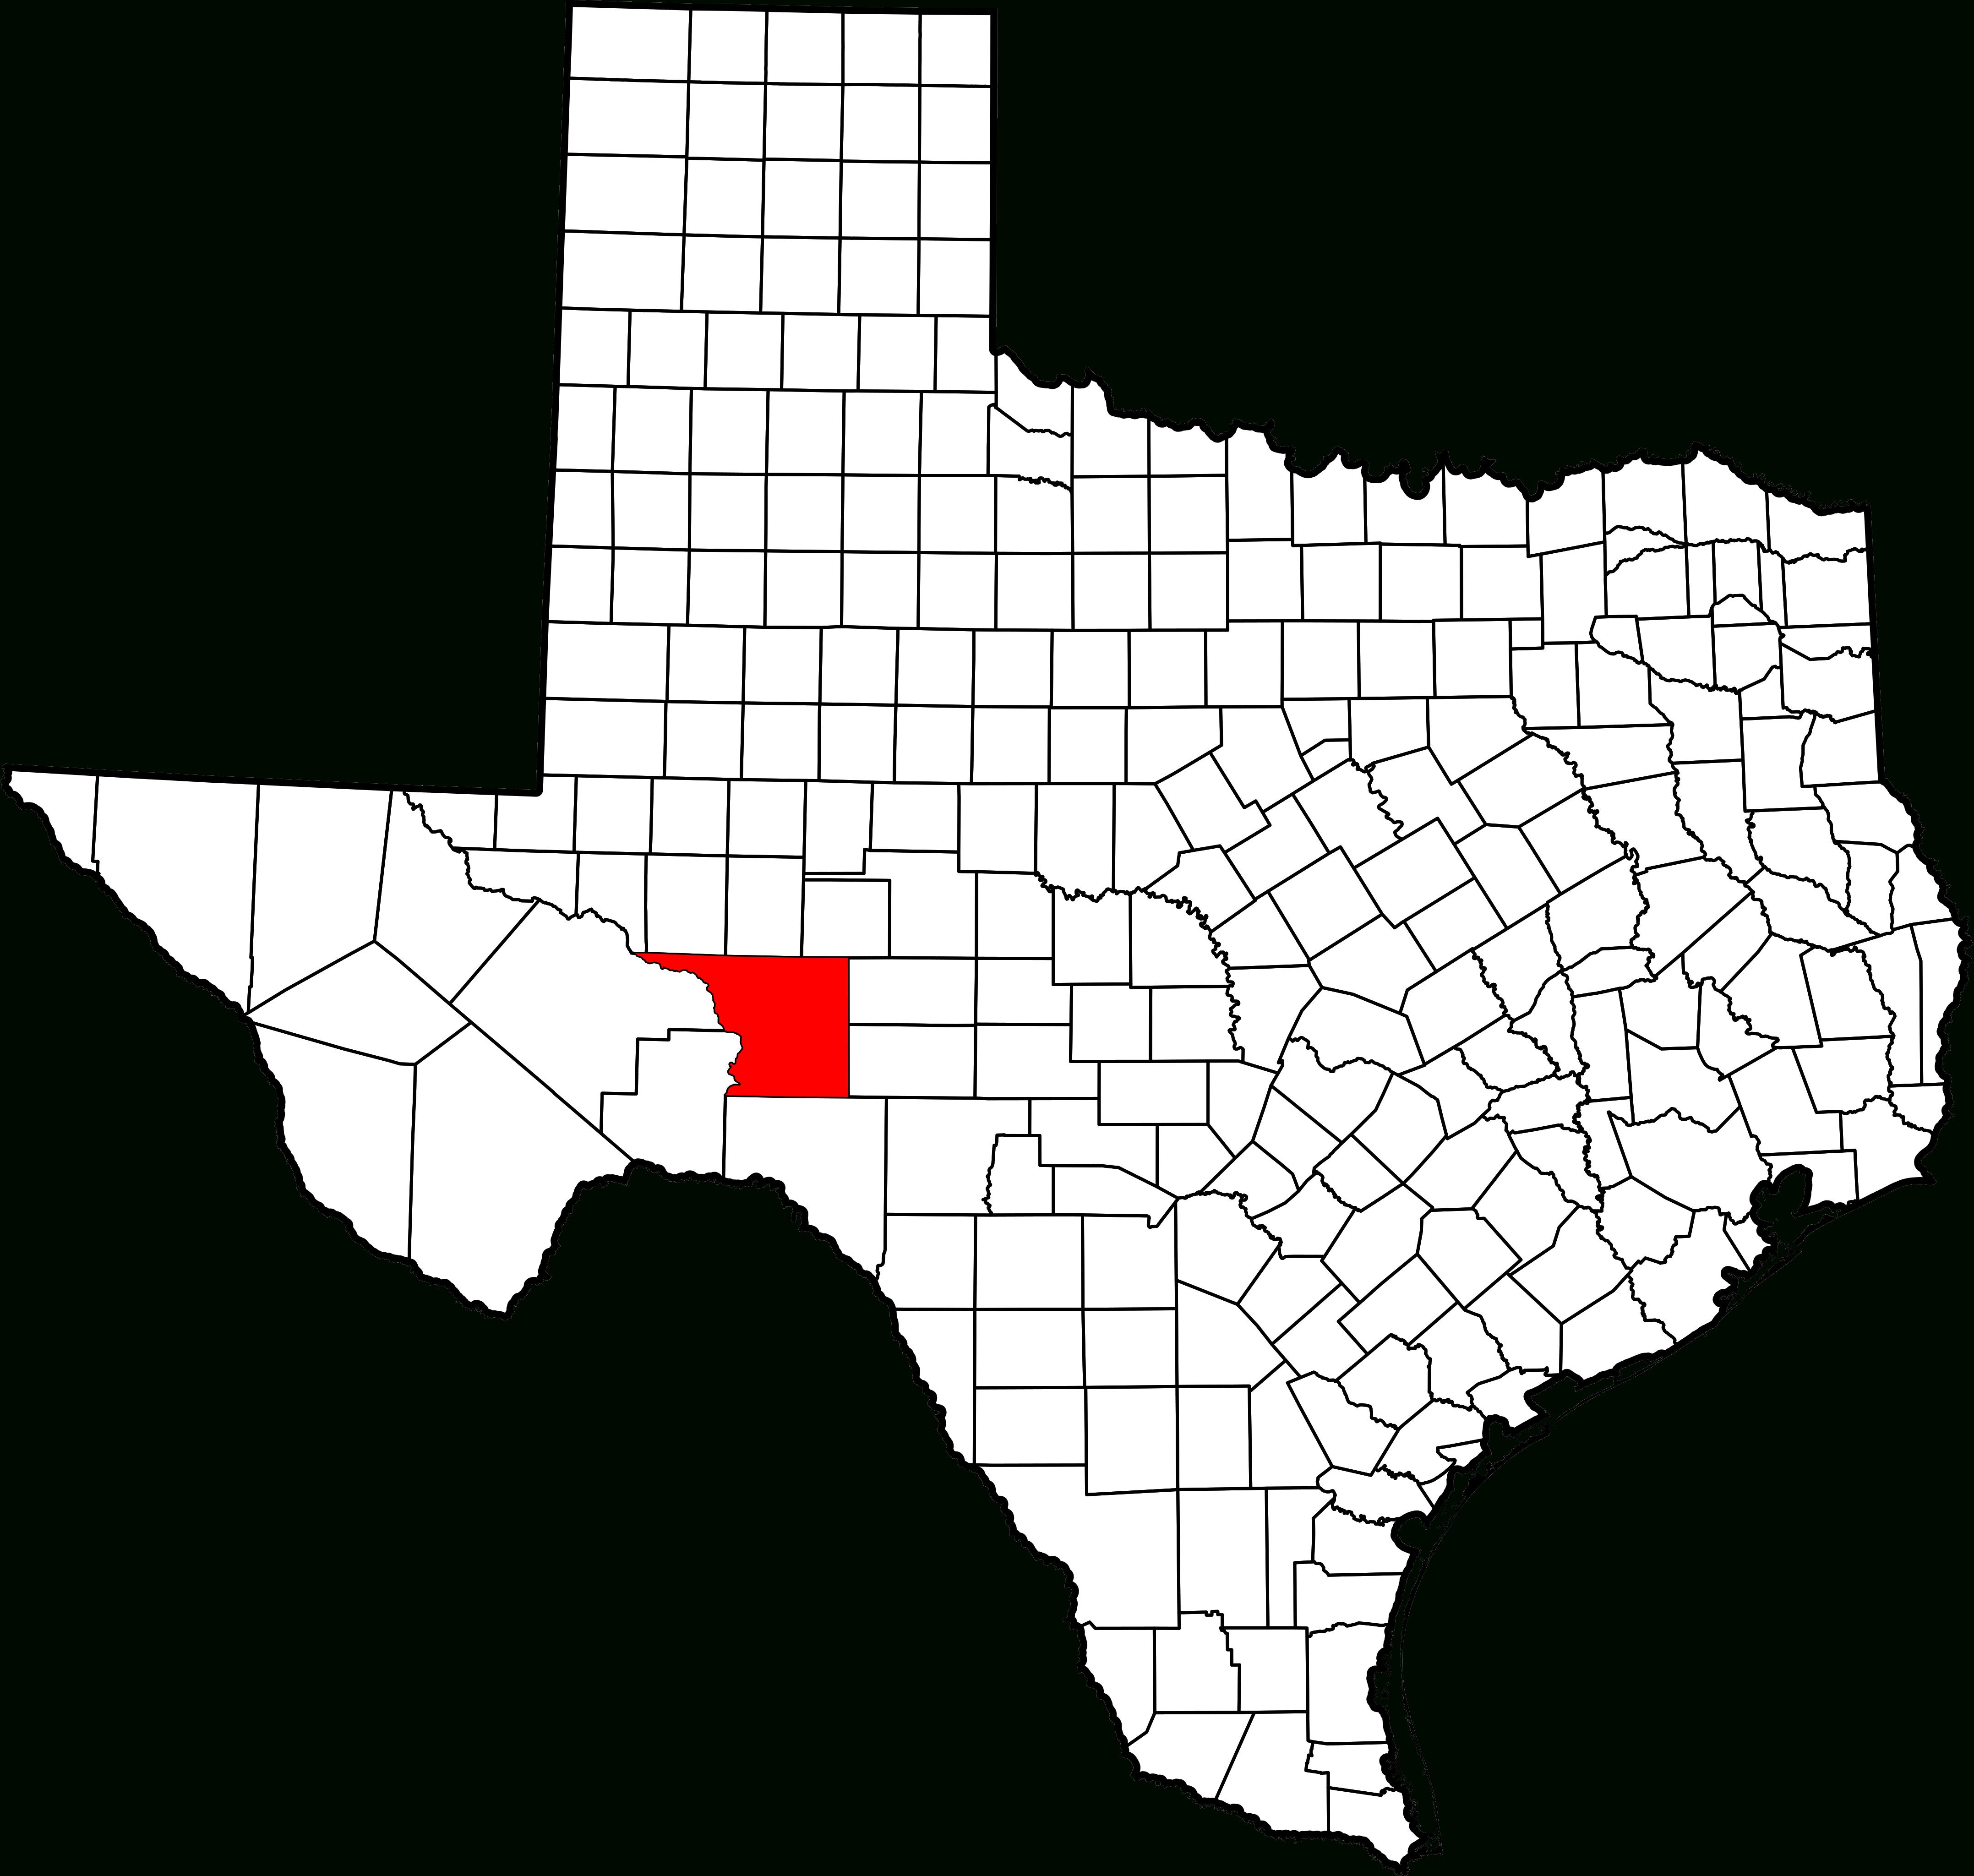 Fichier:map Of Texas Highlighting Crockett County.svg — Wikipédia - Crockett Texas Map